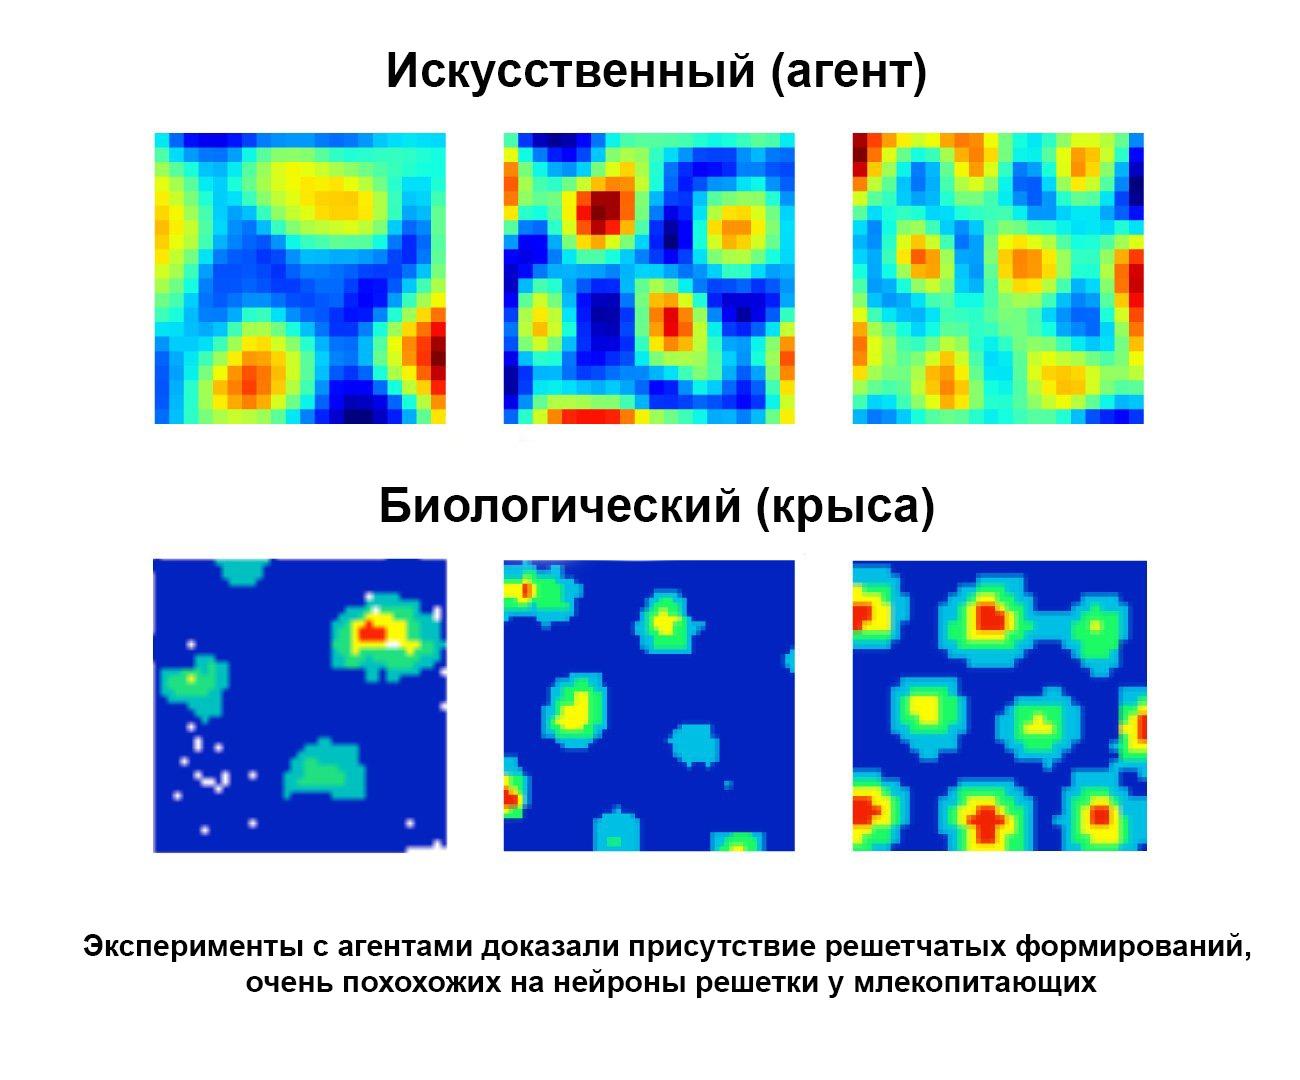 Нейроны решетки